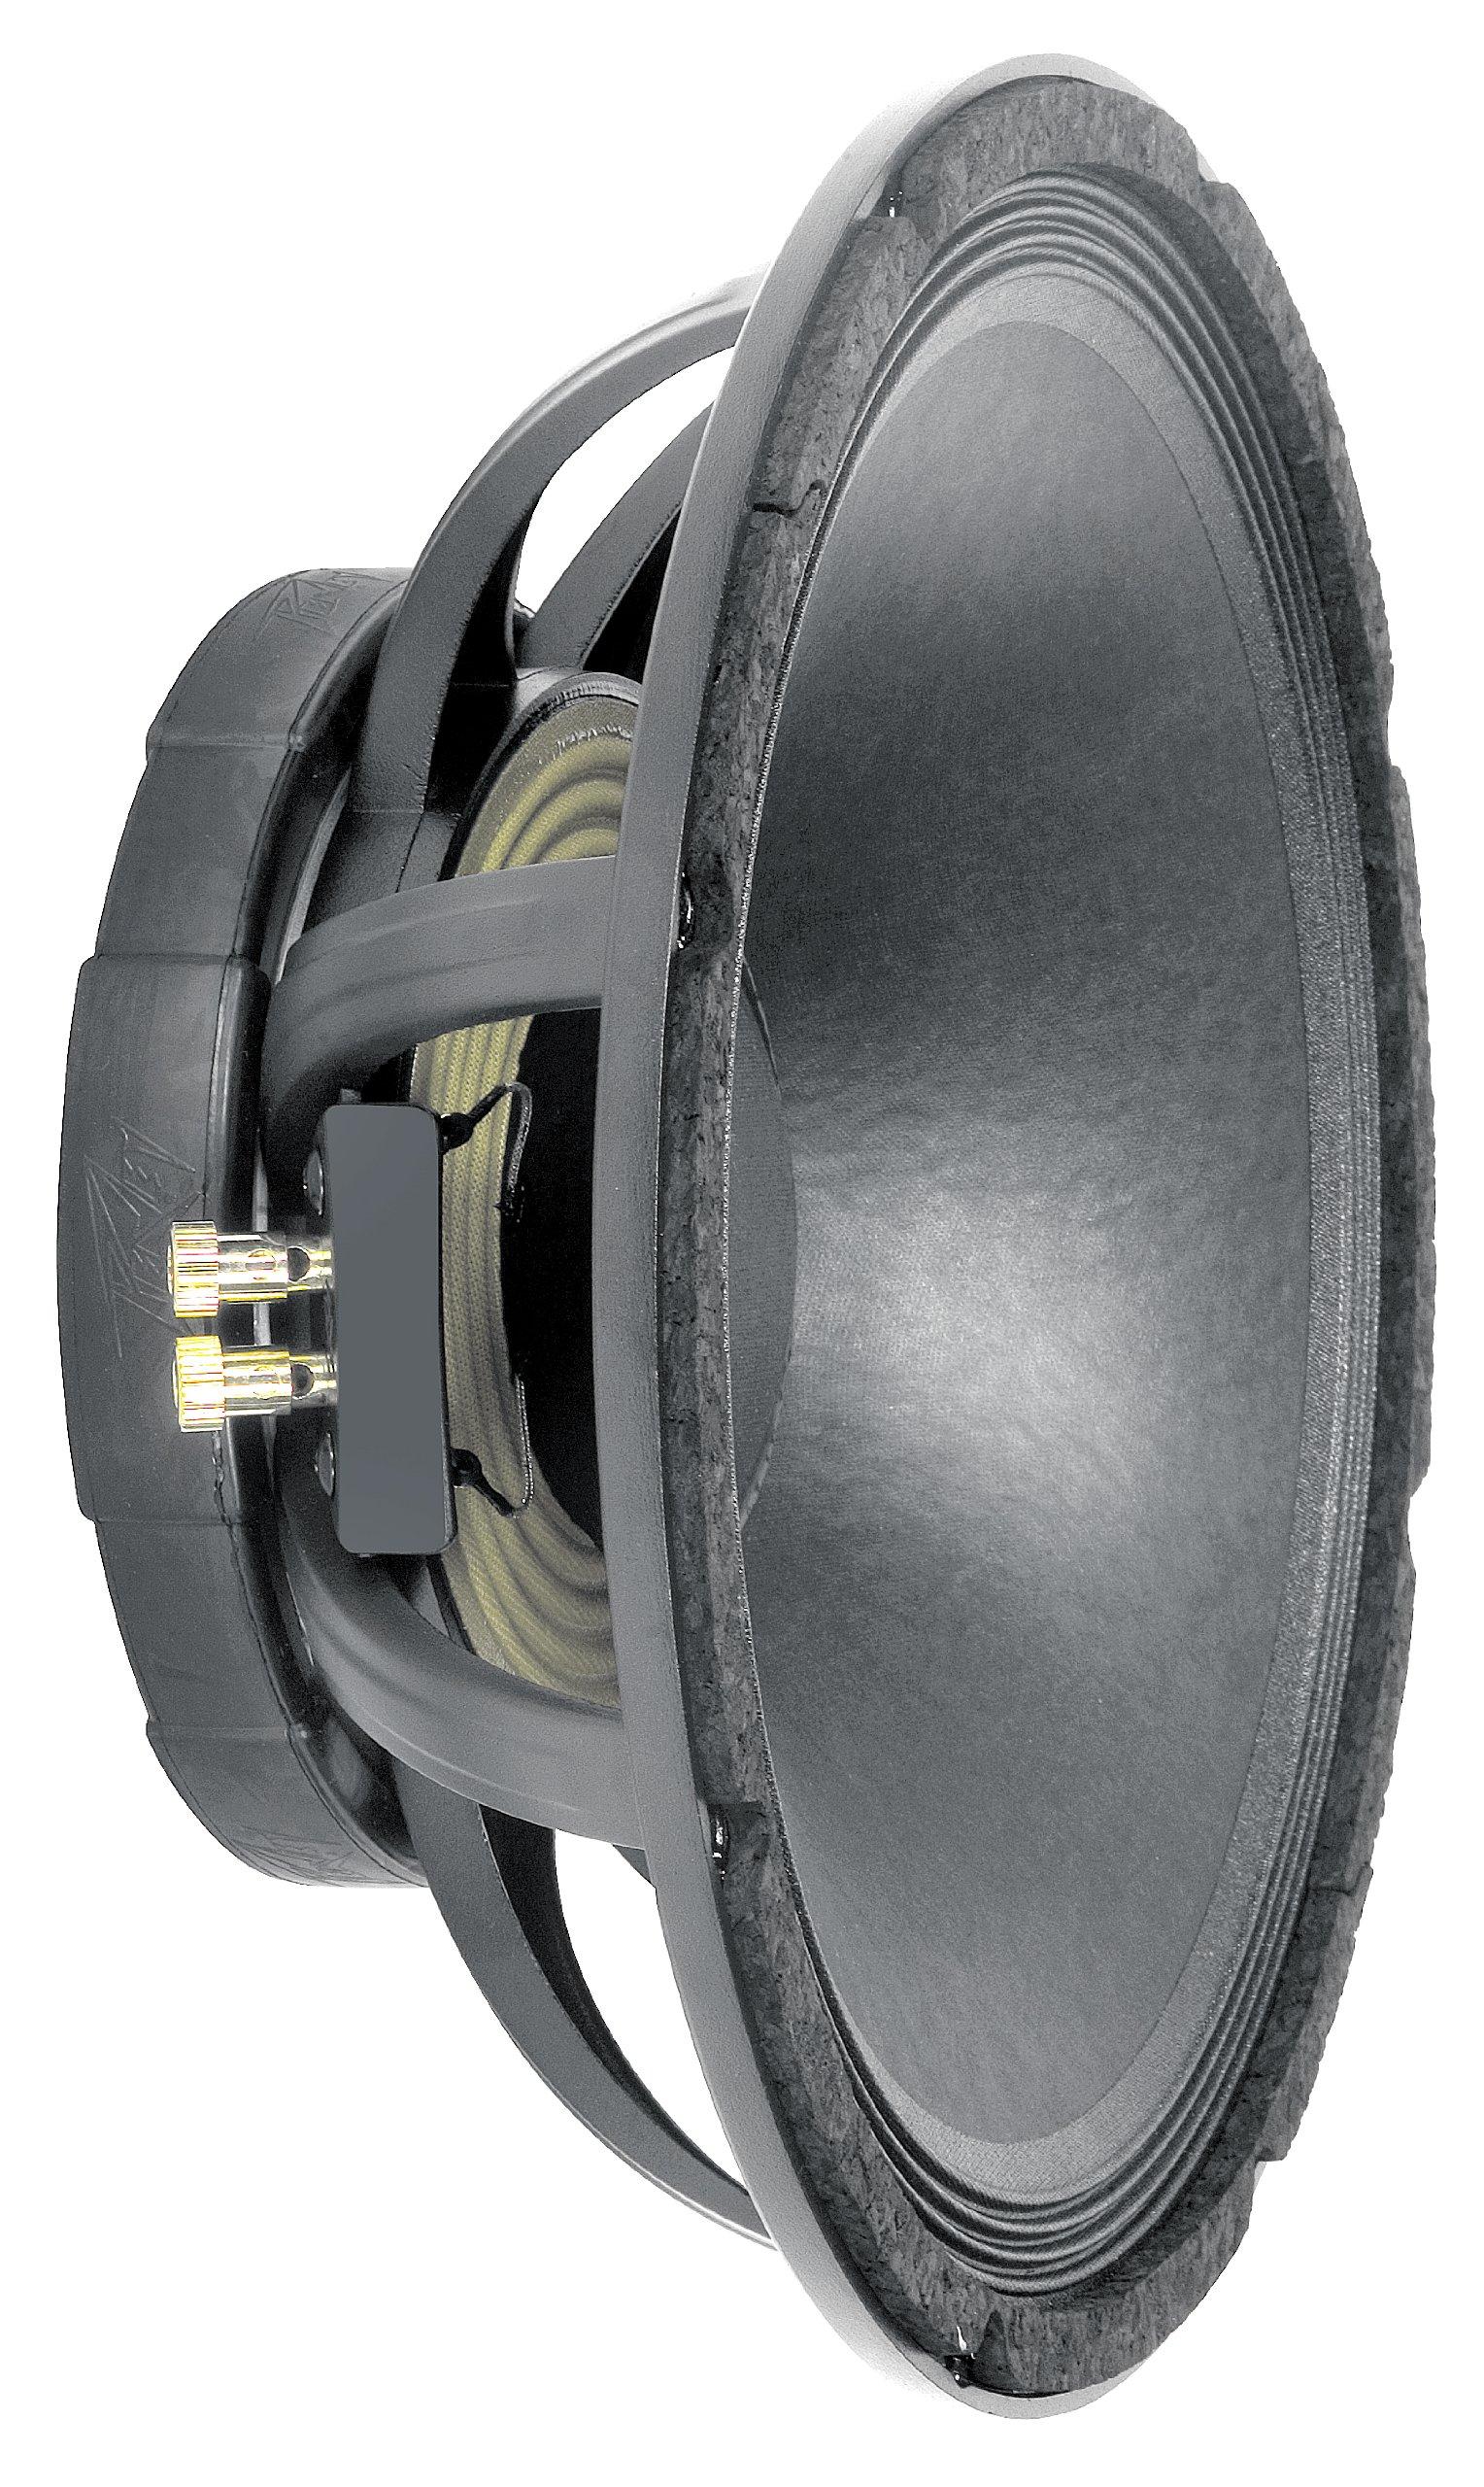 Peavey 1508-8 HE BWX SF Speaker by Peavey